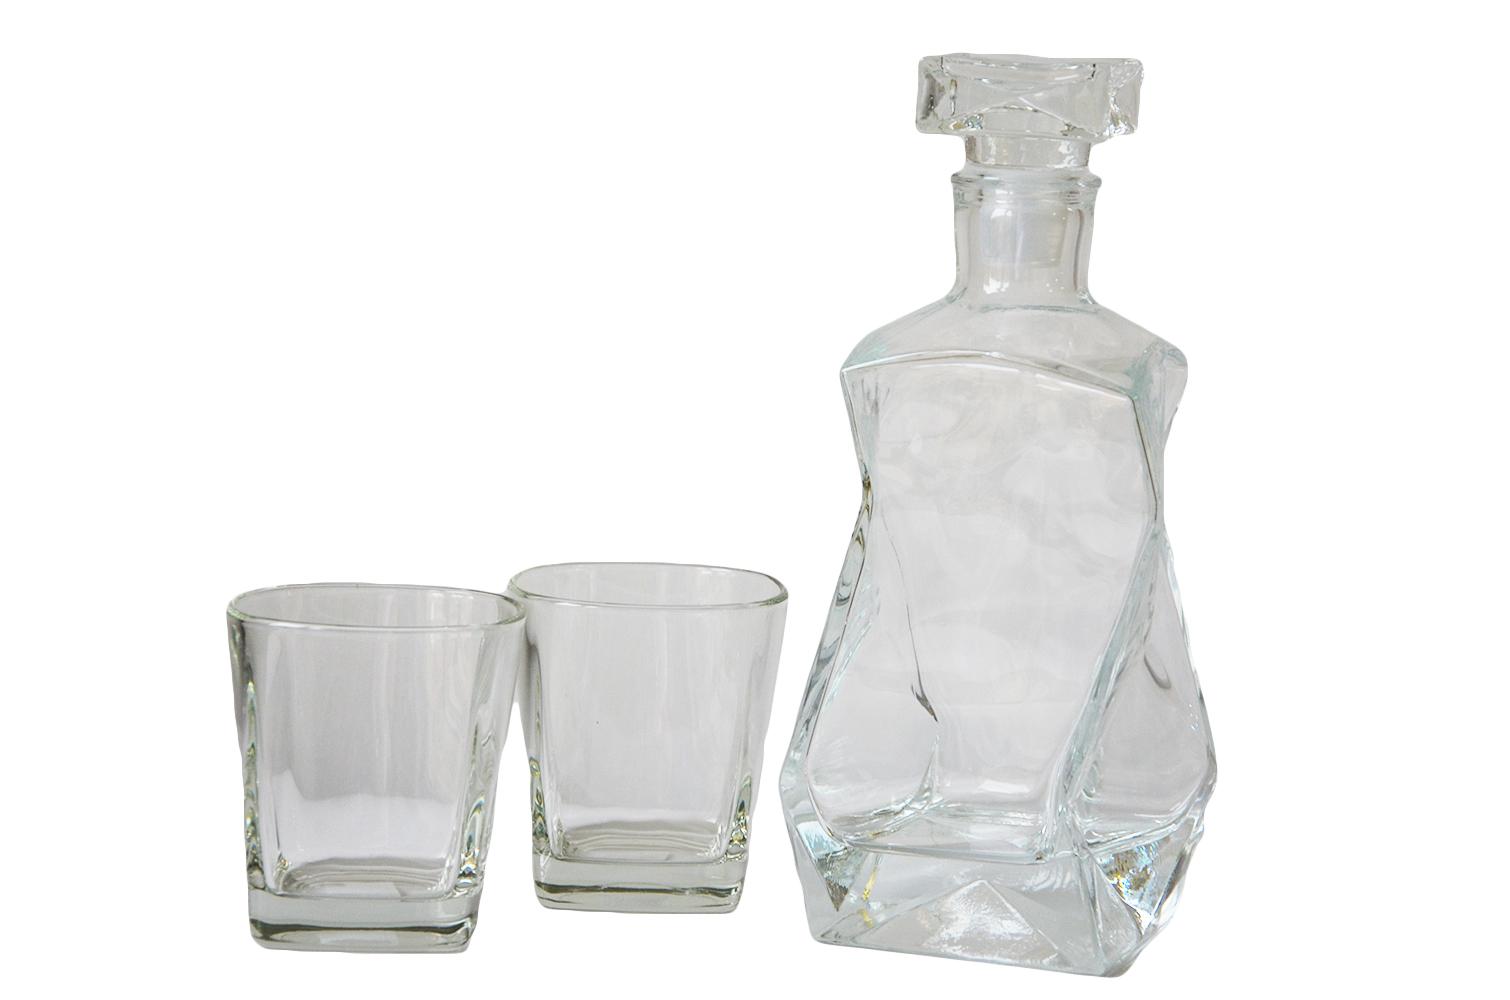 Víno Carafe, Whisky, Cognac, vodka pre darček!